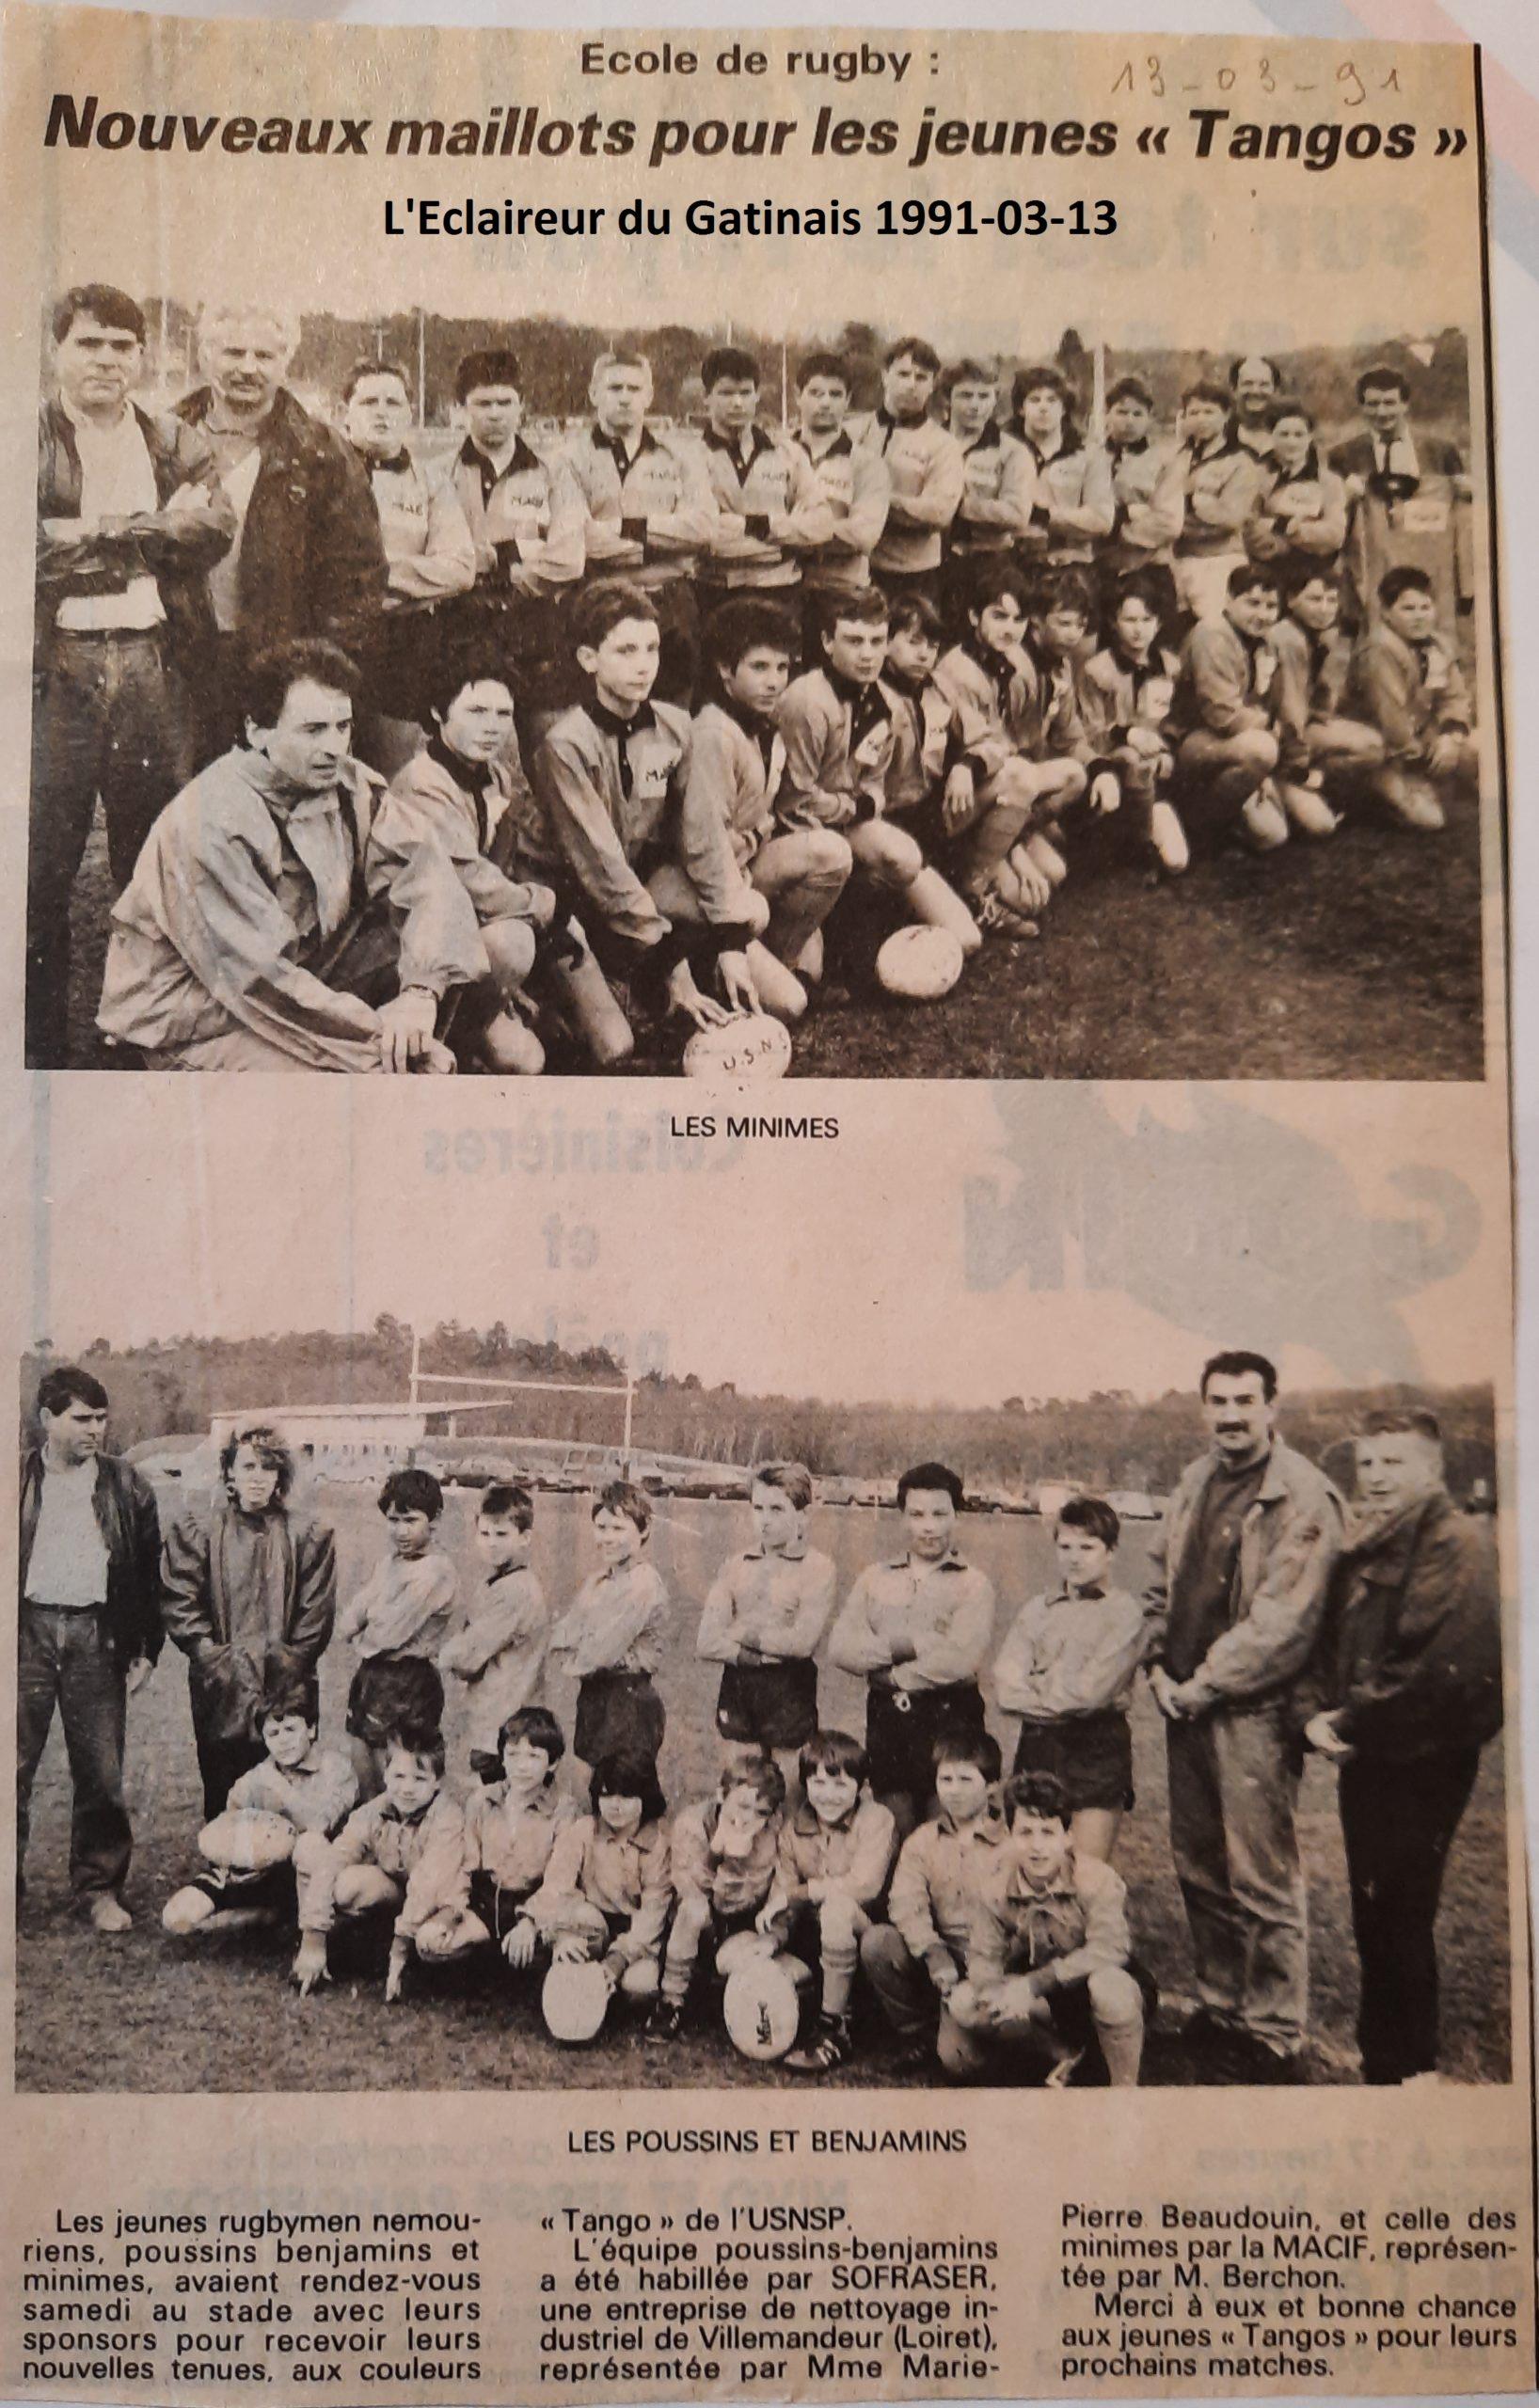 Eclaireur du Gâtinais 1991-03-13